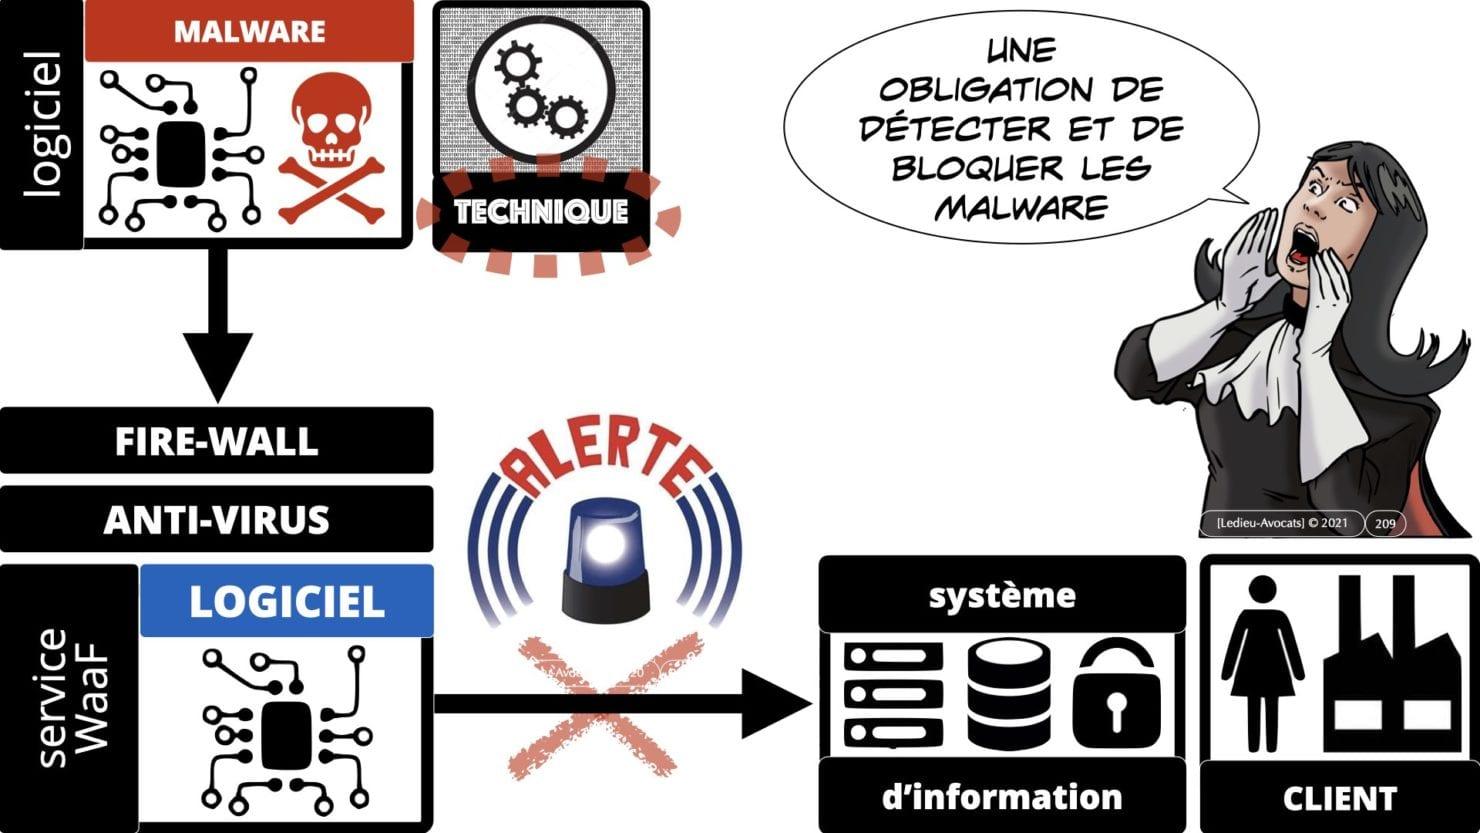 333 CYBER ATTAQUE responsabilité pénale civile contrat © Ledieu-Avocats 23-05-2021.209